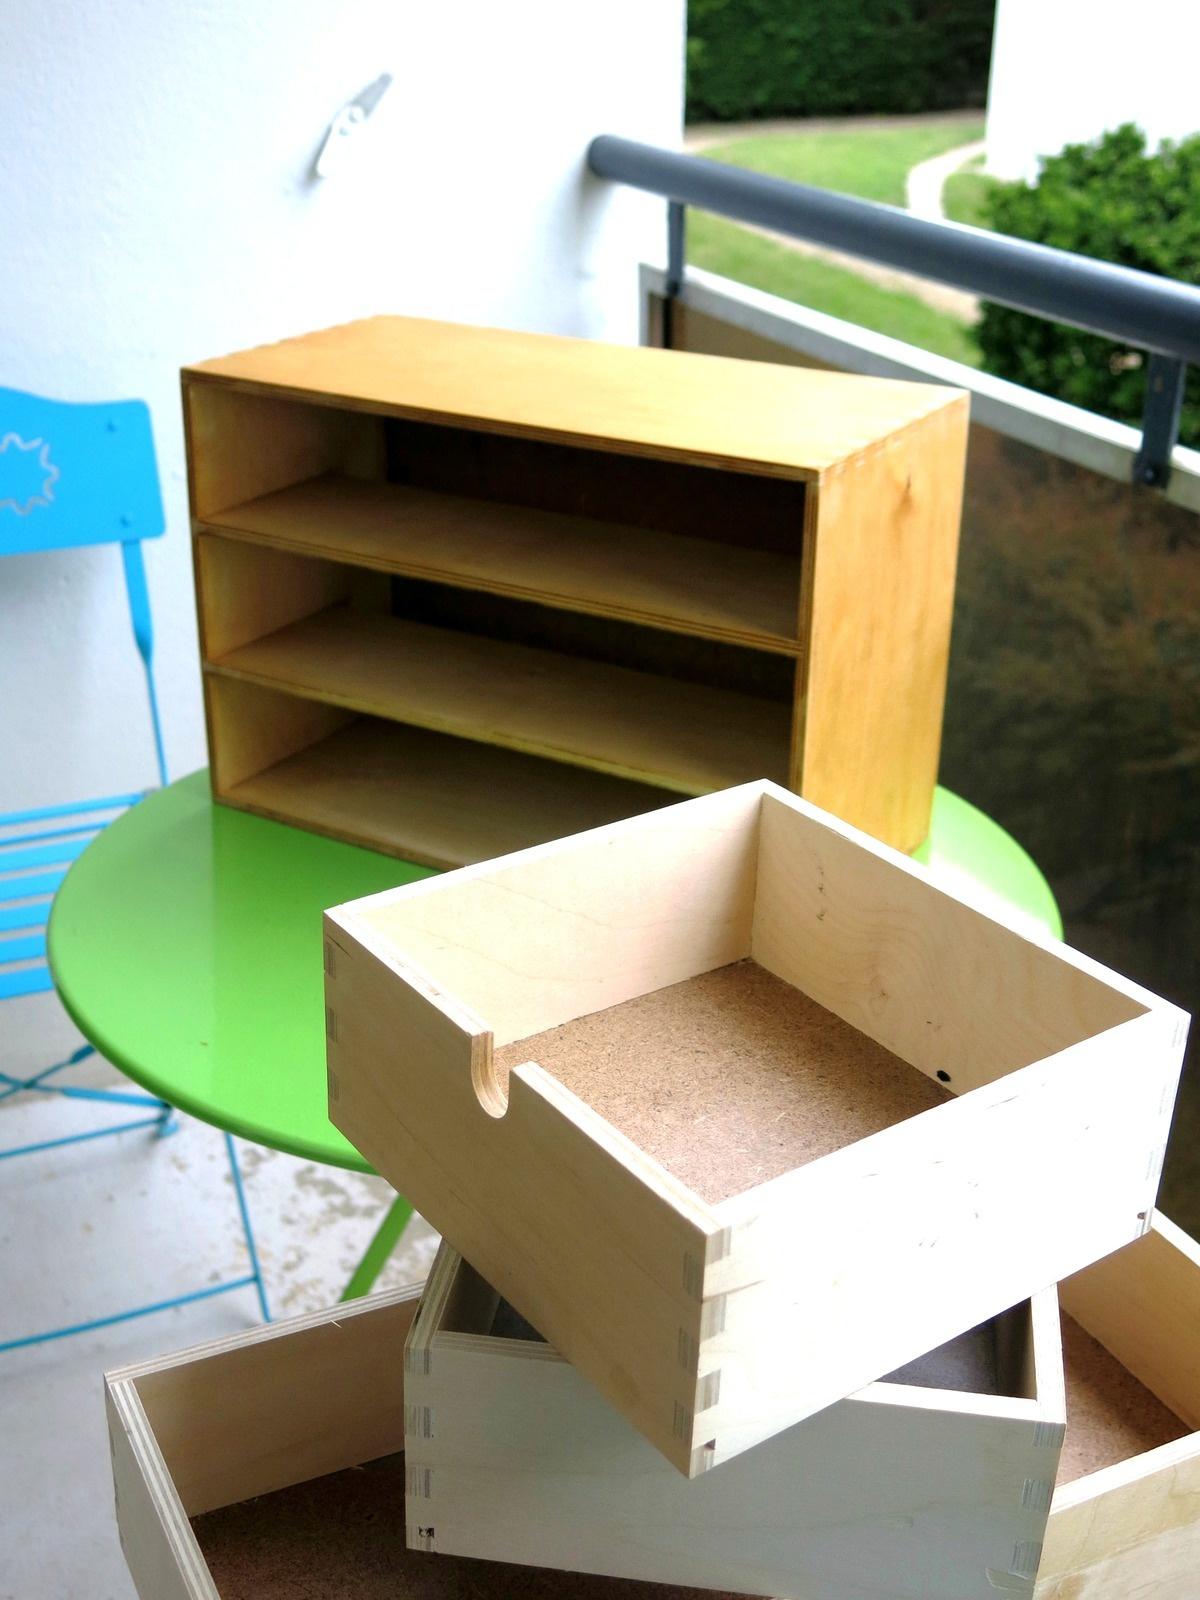 Meuble en bois fa on zinc pimprelys blog diy r cup - Teindre un meuble en bois ...